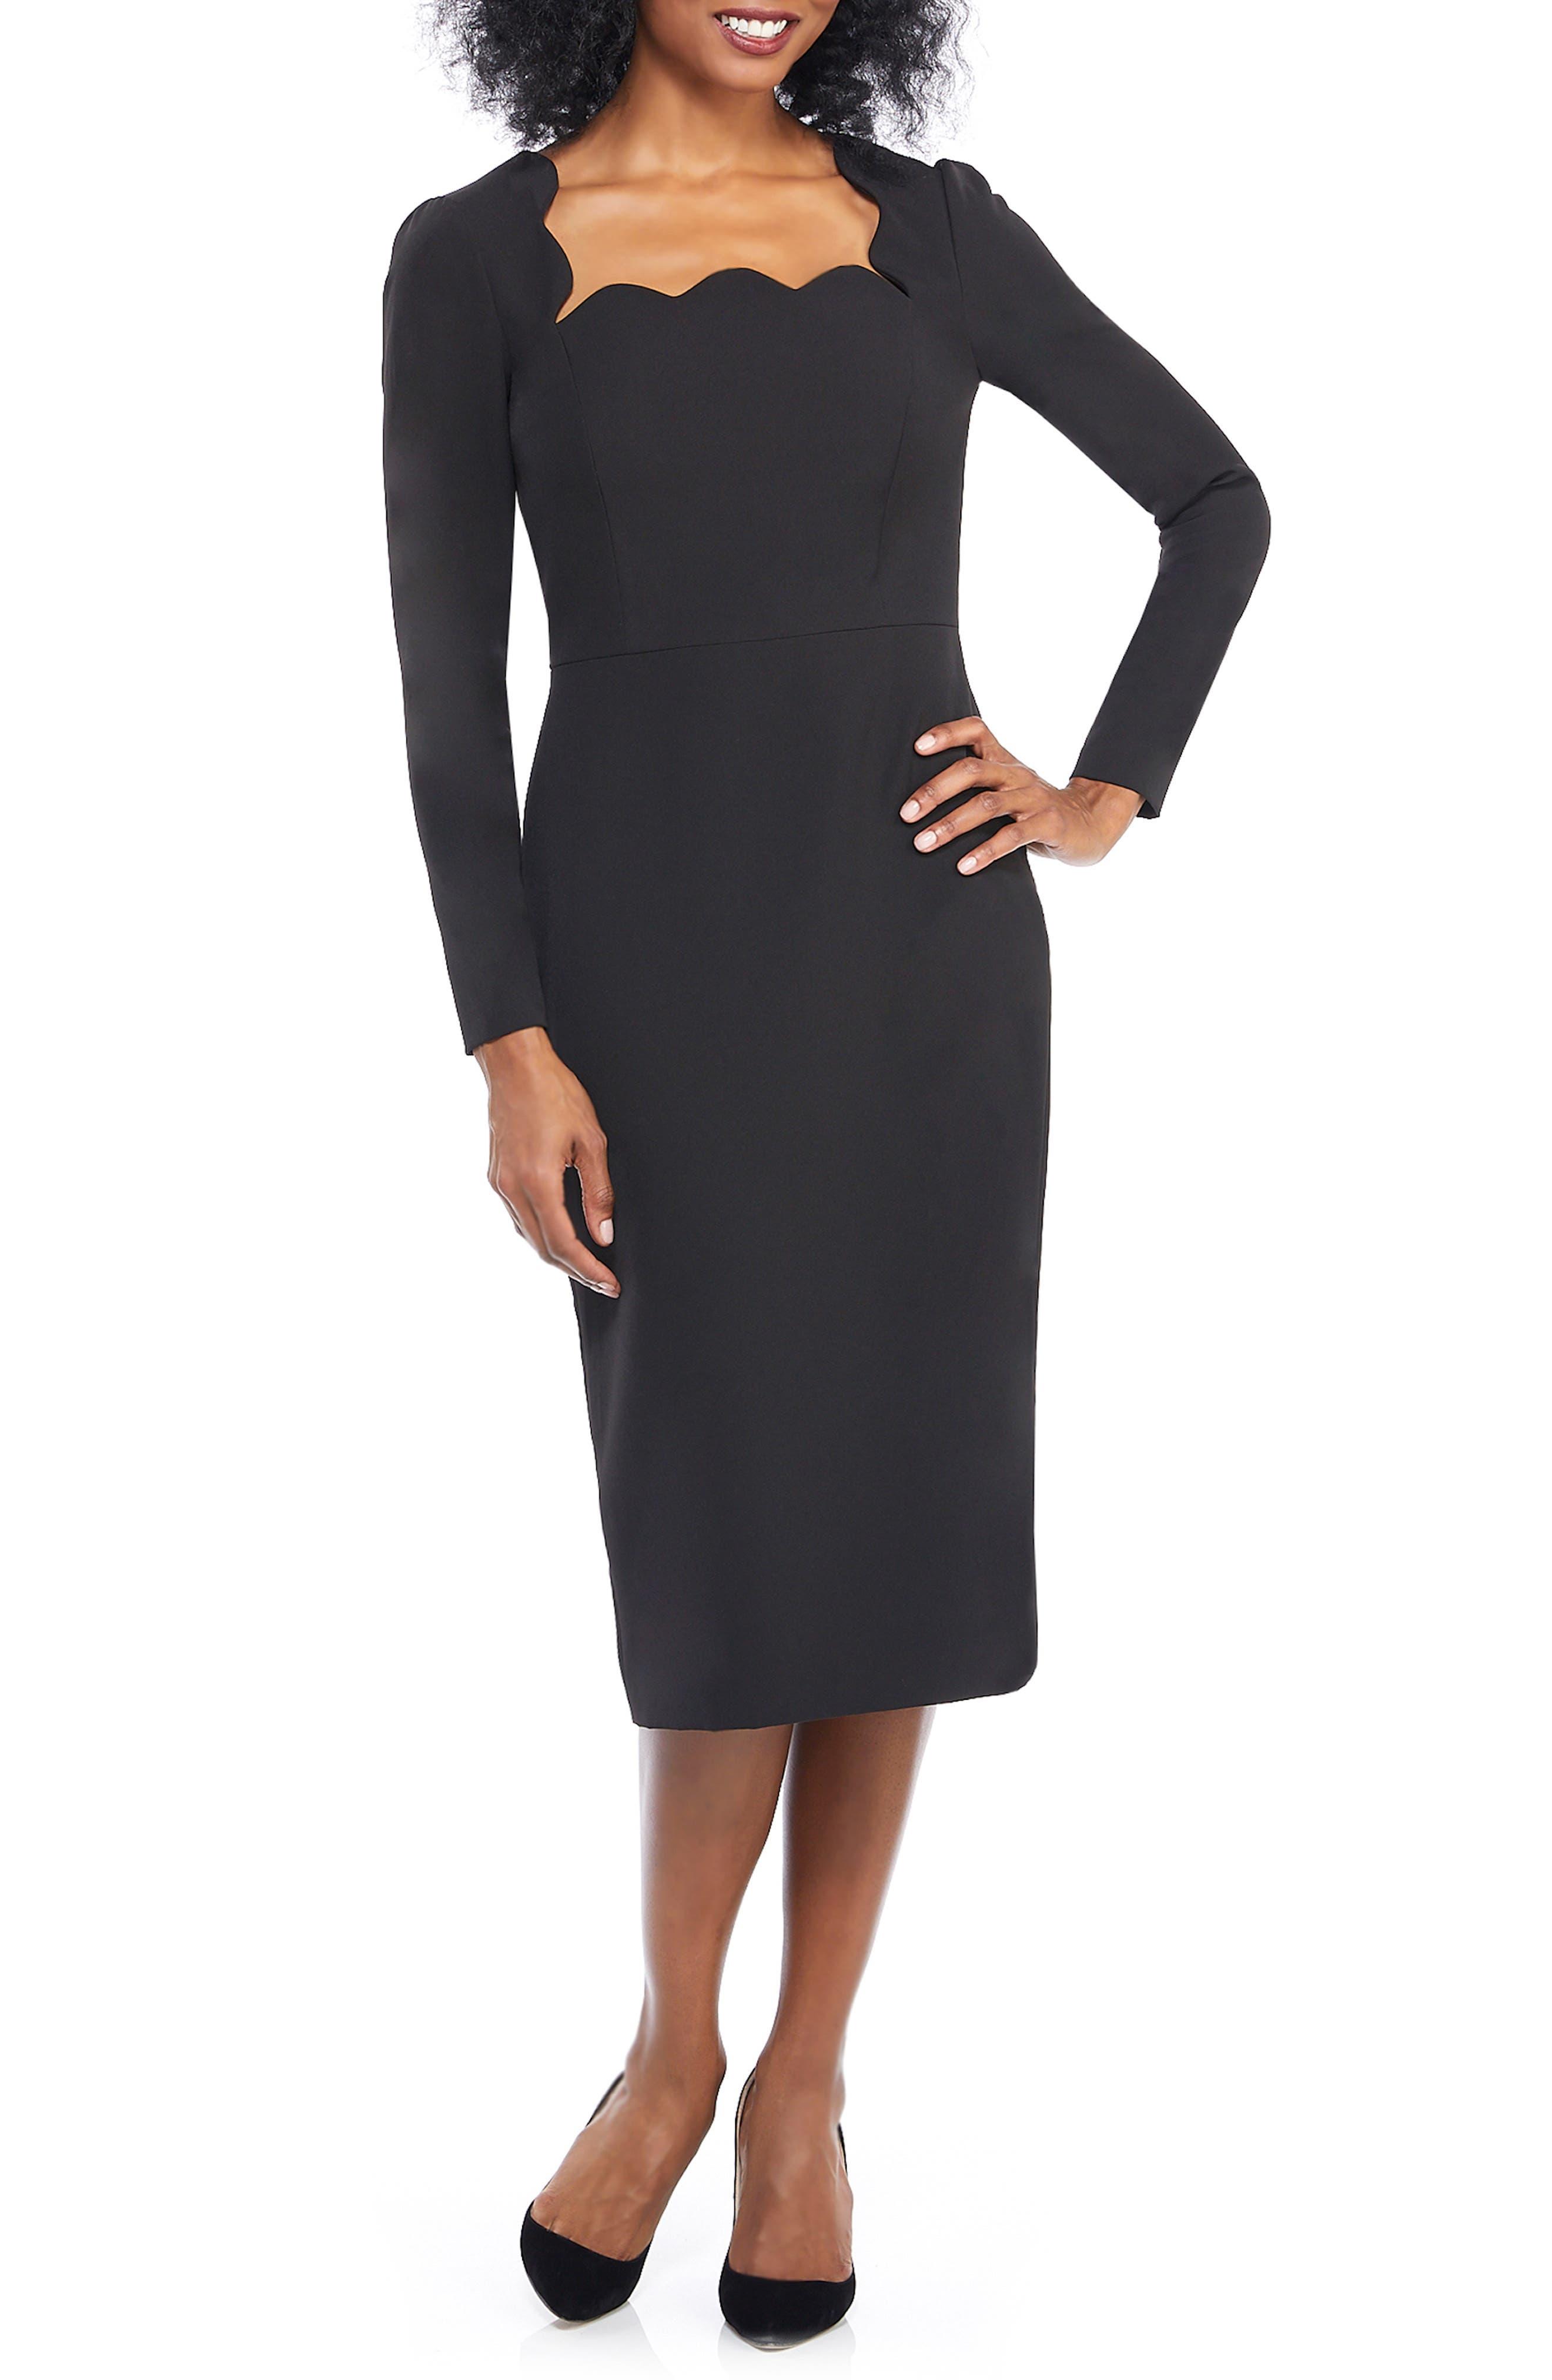 MAGGY LONDON Square Neck Dream Crepe Midi Dress in Black